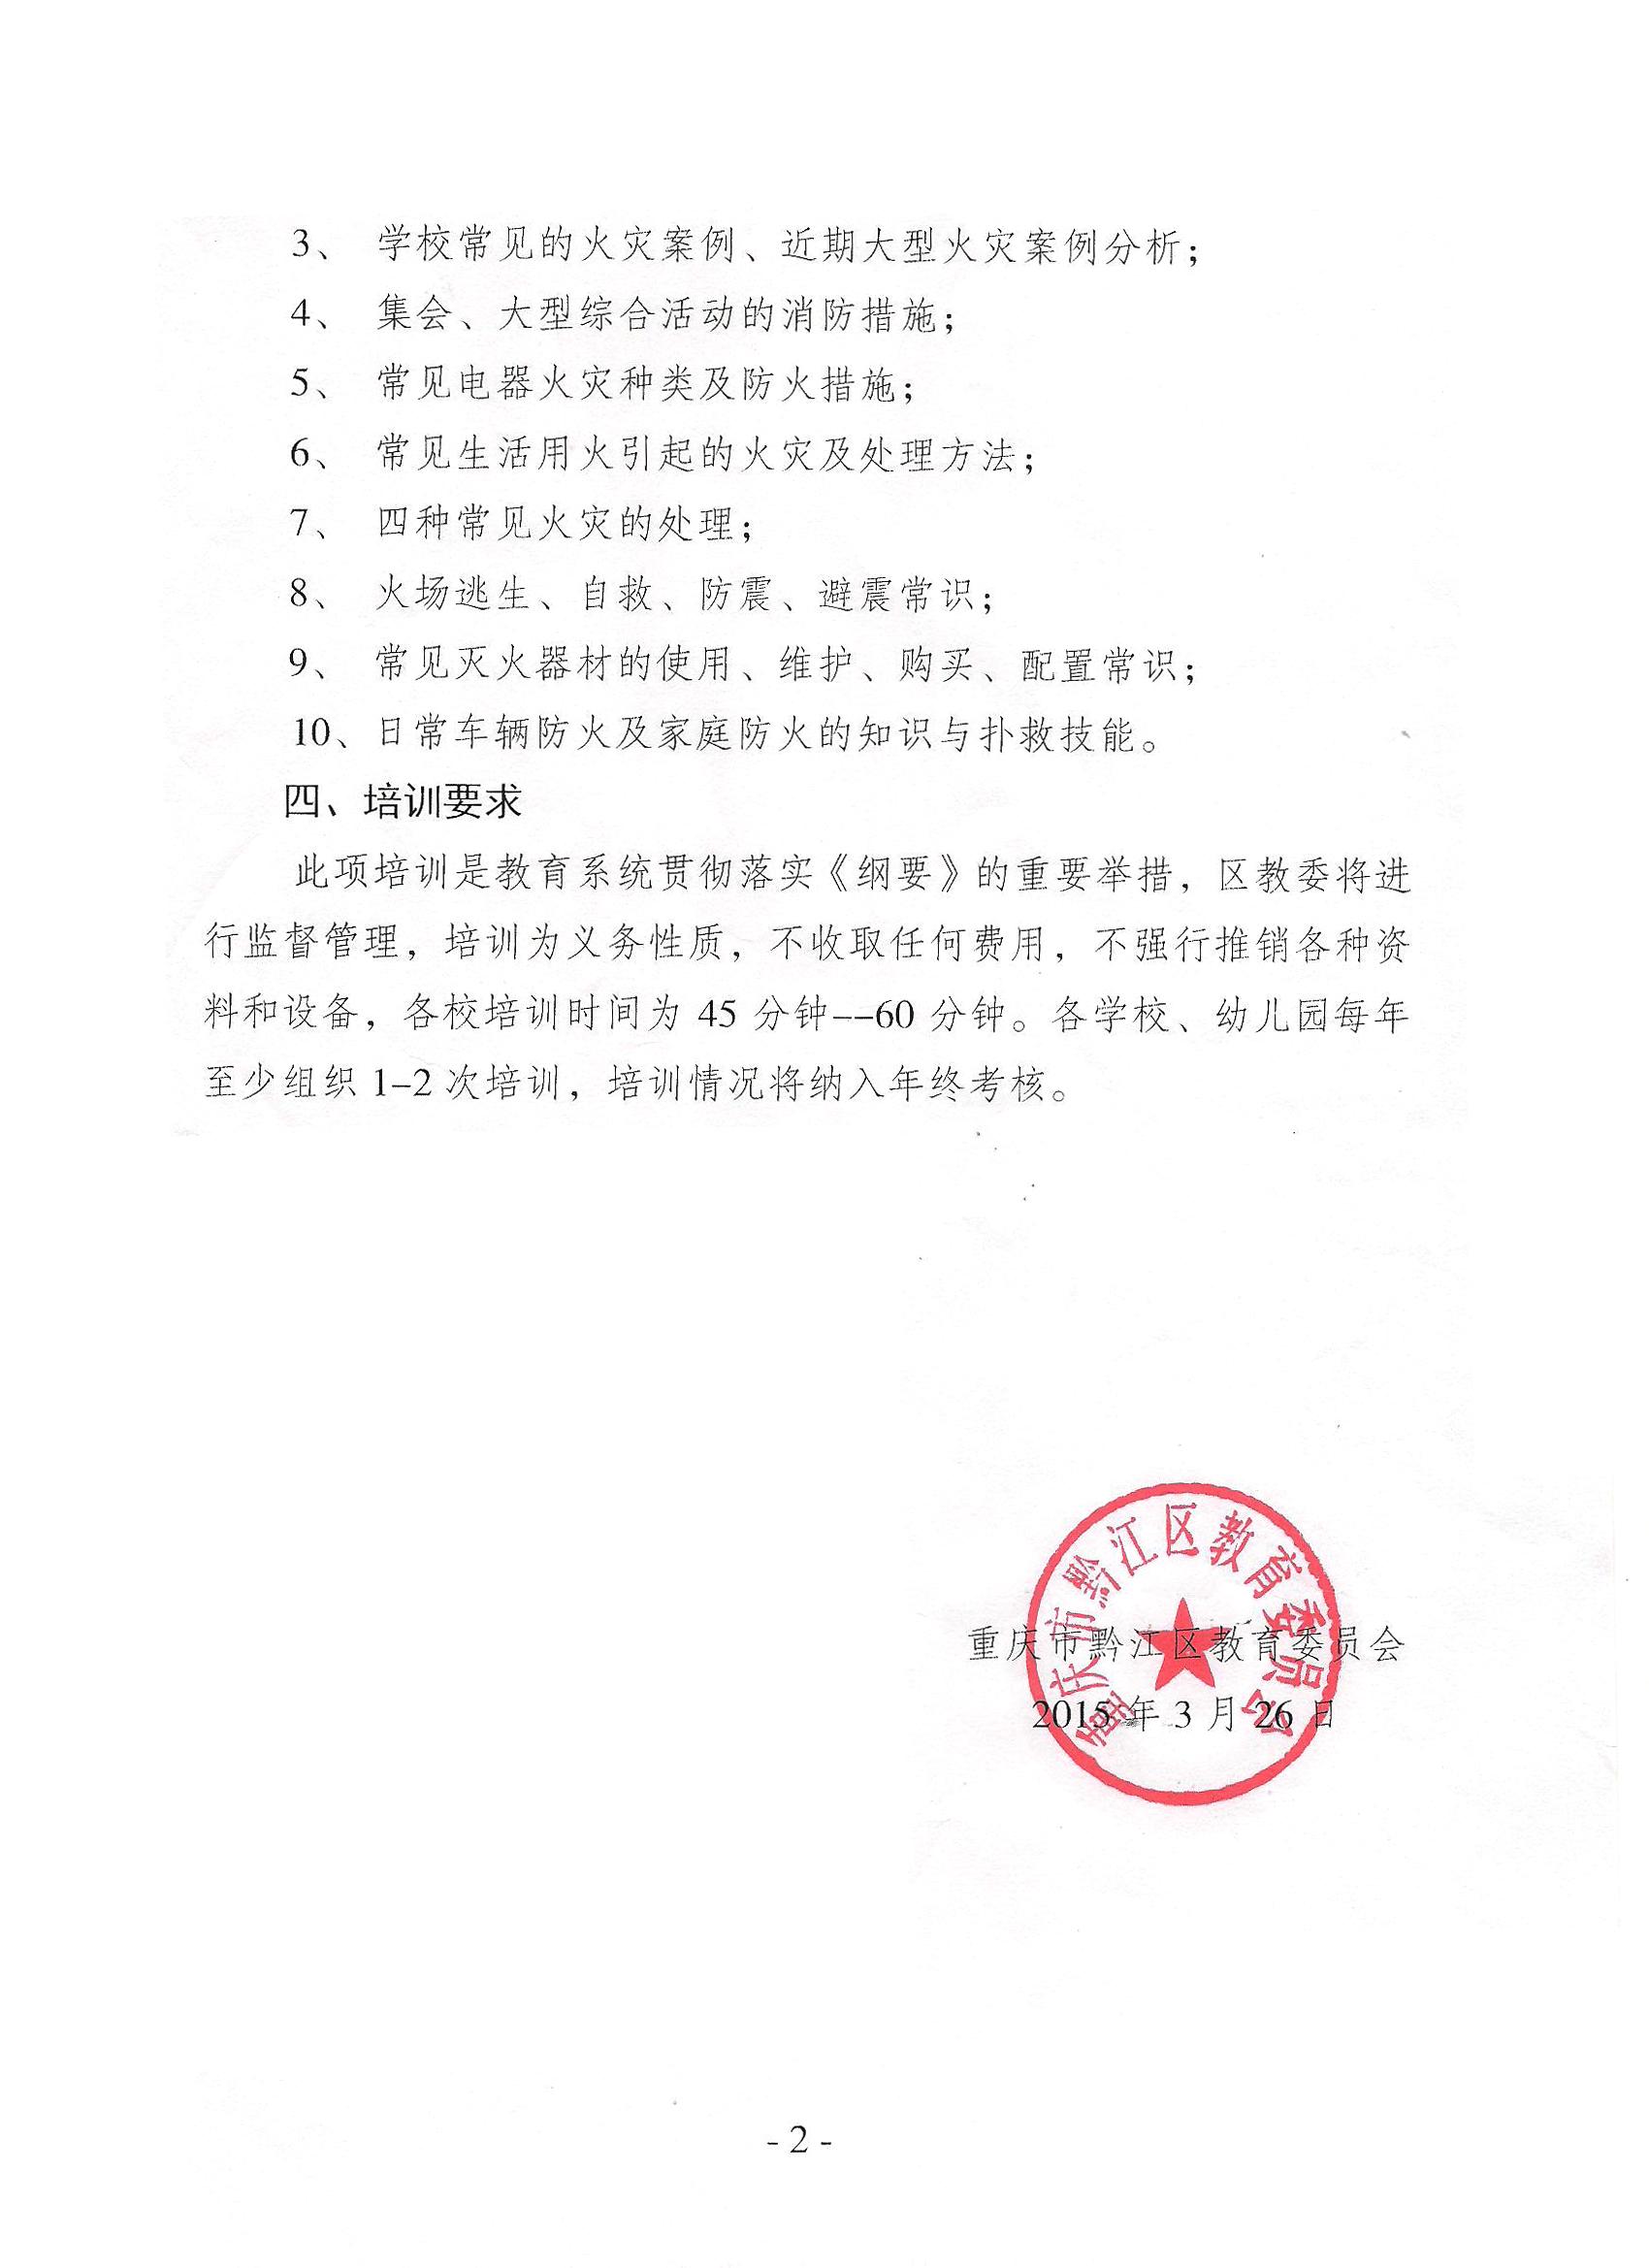 重庆市黔江区教育委员会